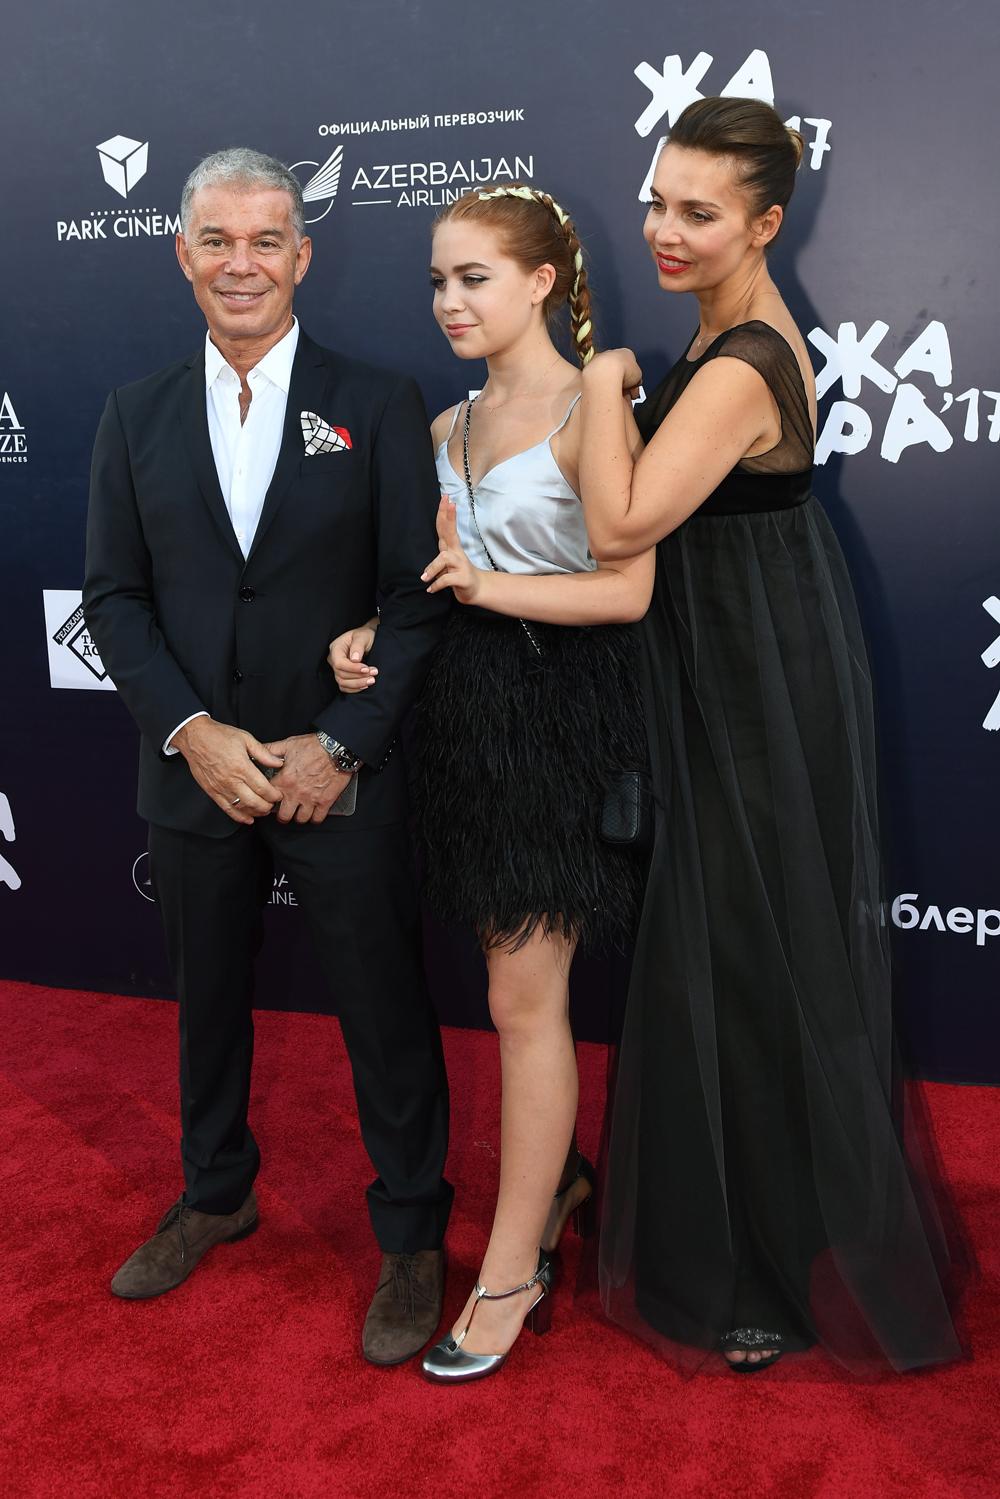 Олег Газманов со своей женой Мариной и дочерью Марианной. 2017 год.